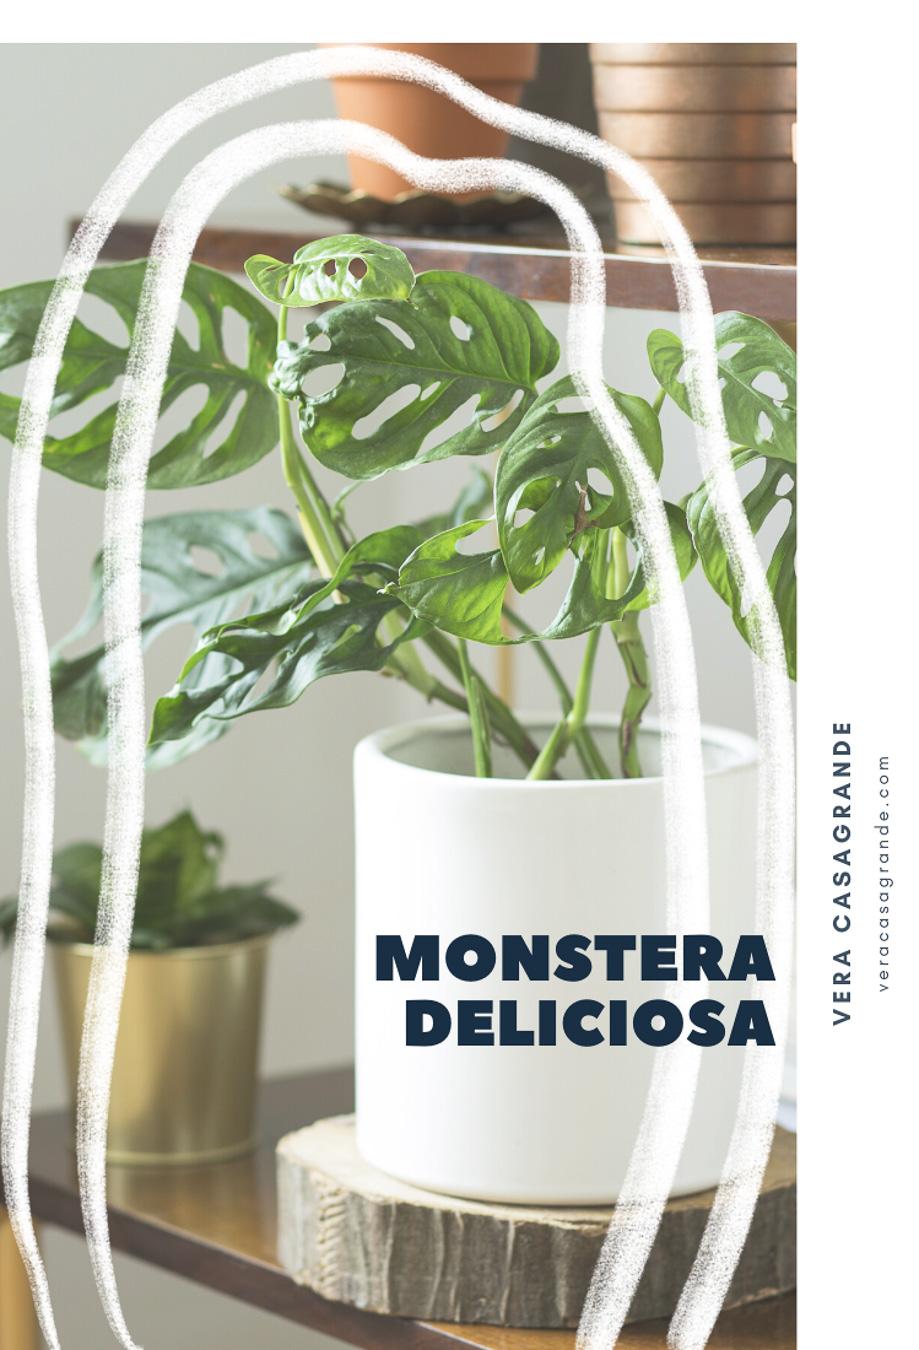 Monstera Deliciosa in a White pot